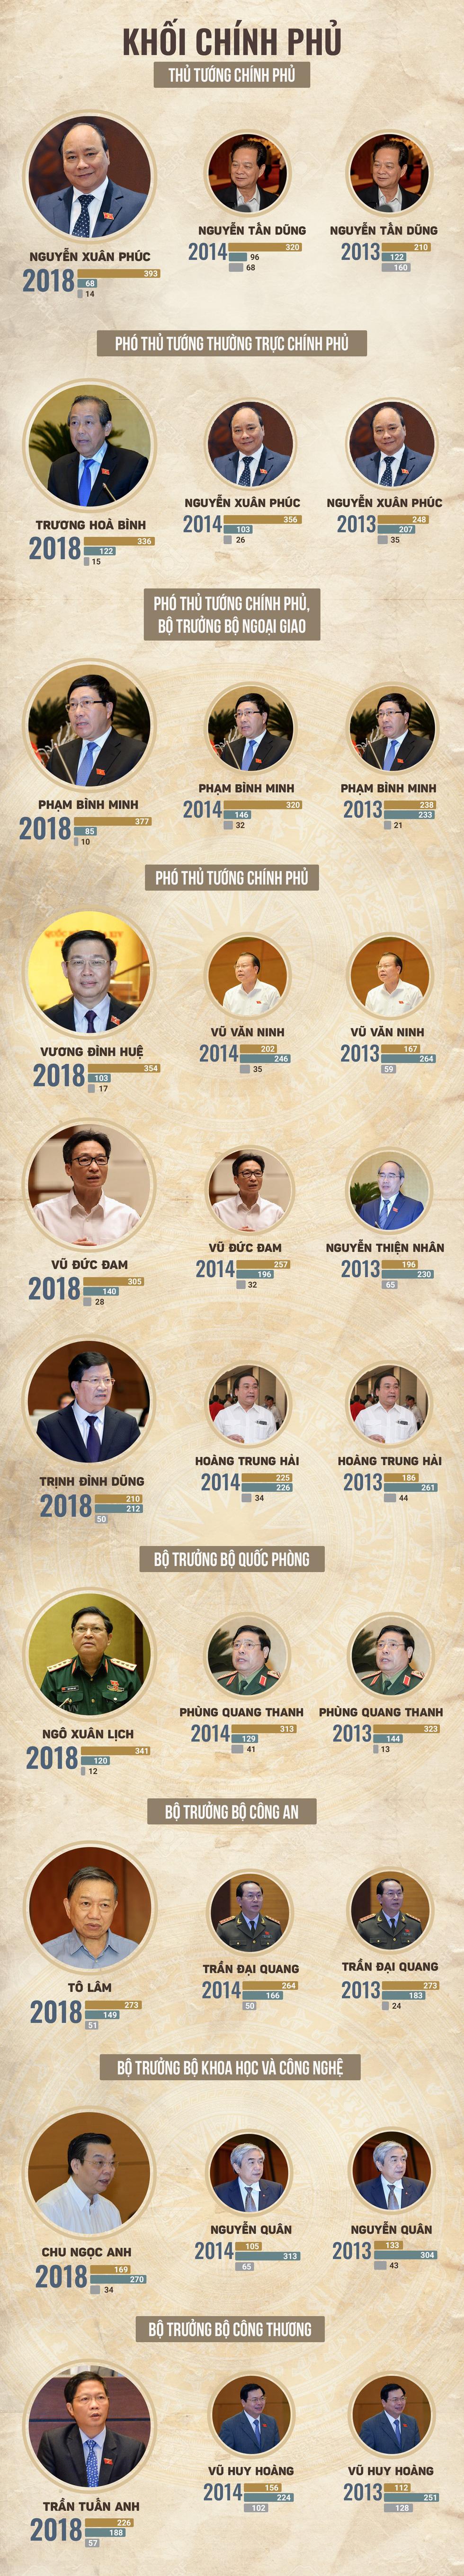 Kết quả lấy phiếu tín nhiệm tại Quốc hội - Ảnh 3.